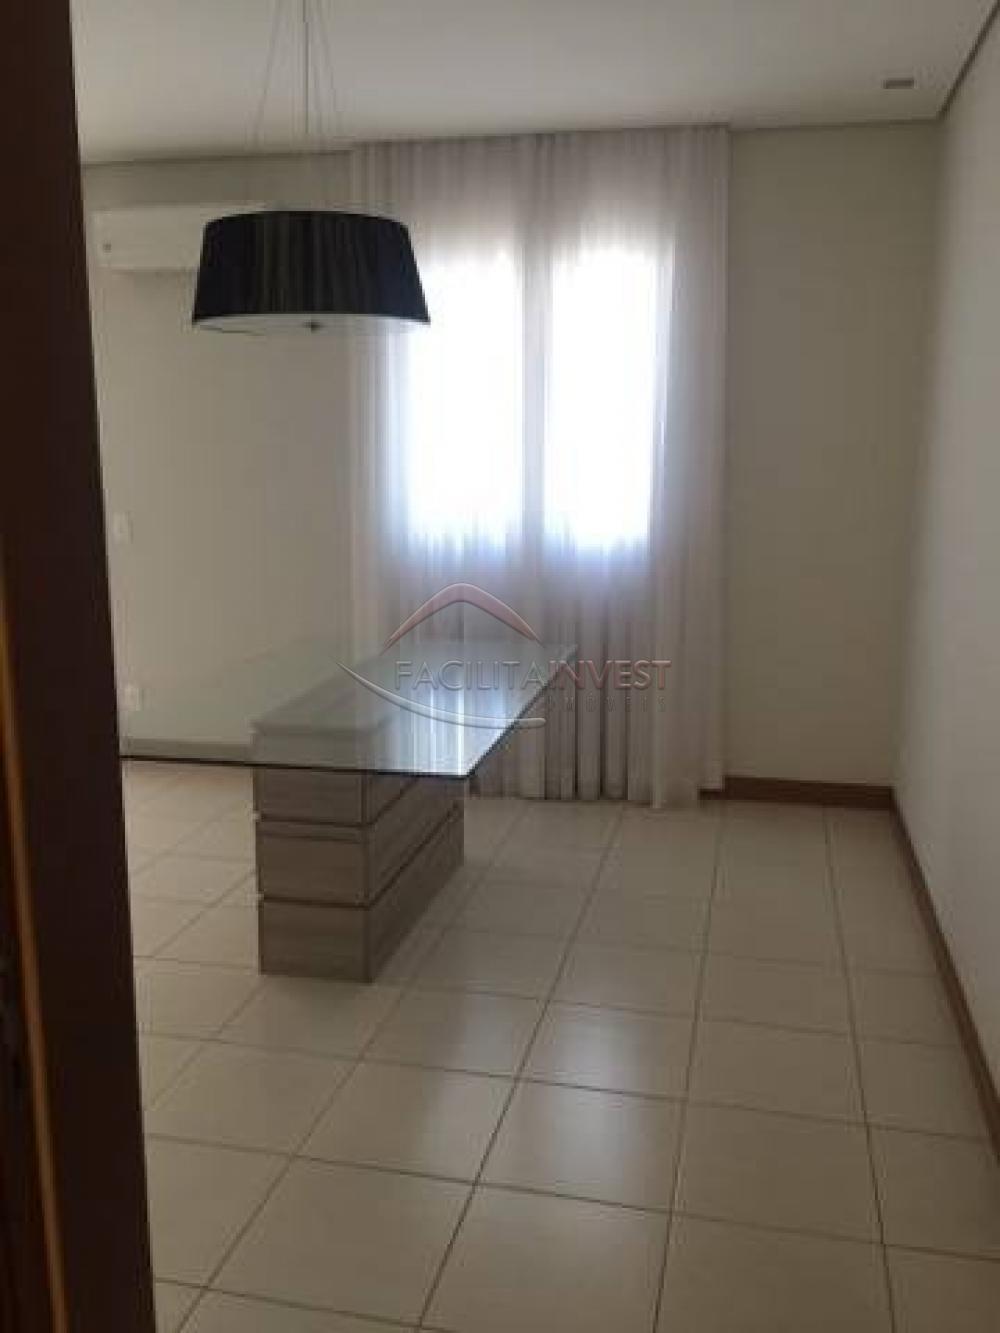 Comprar Apartamentos / Apart. Padrão em Ribeirão Preto apenas R$ 800.000,00 - Foto 8